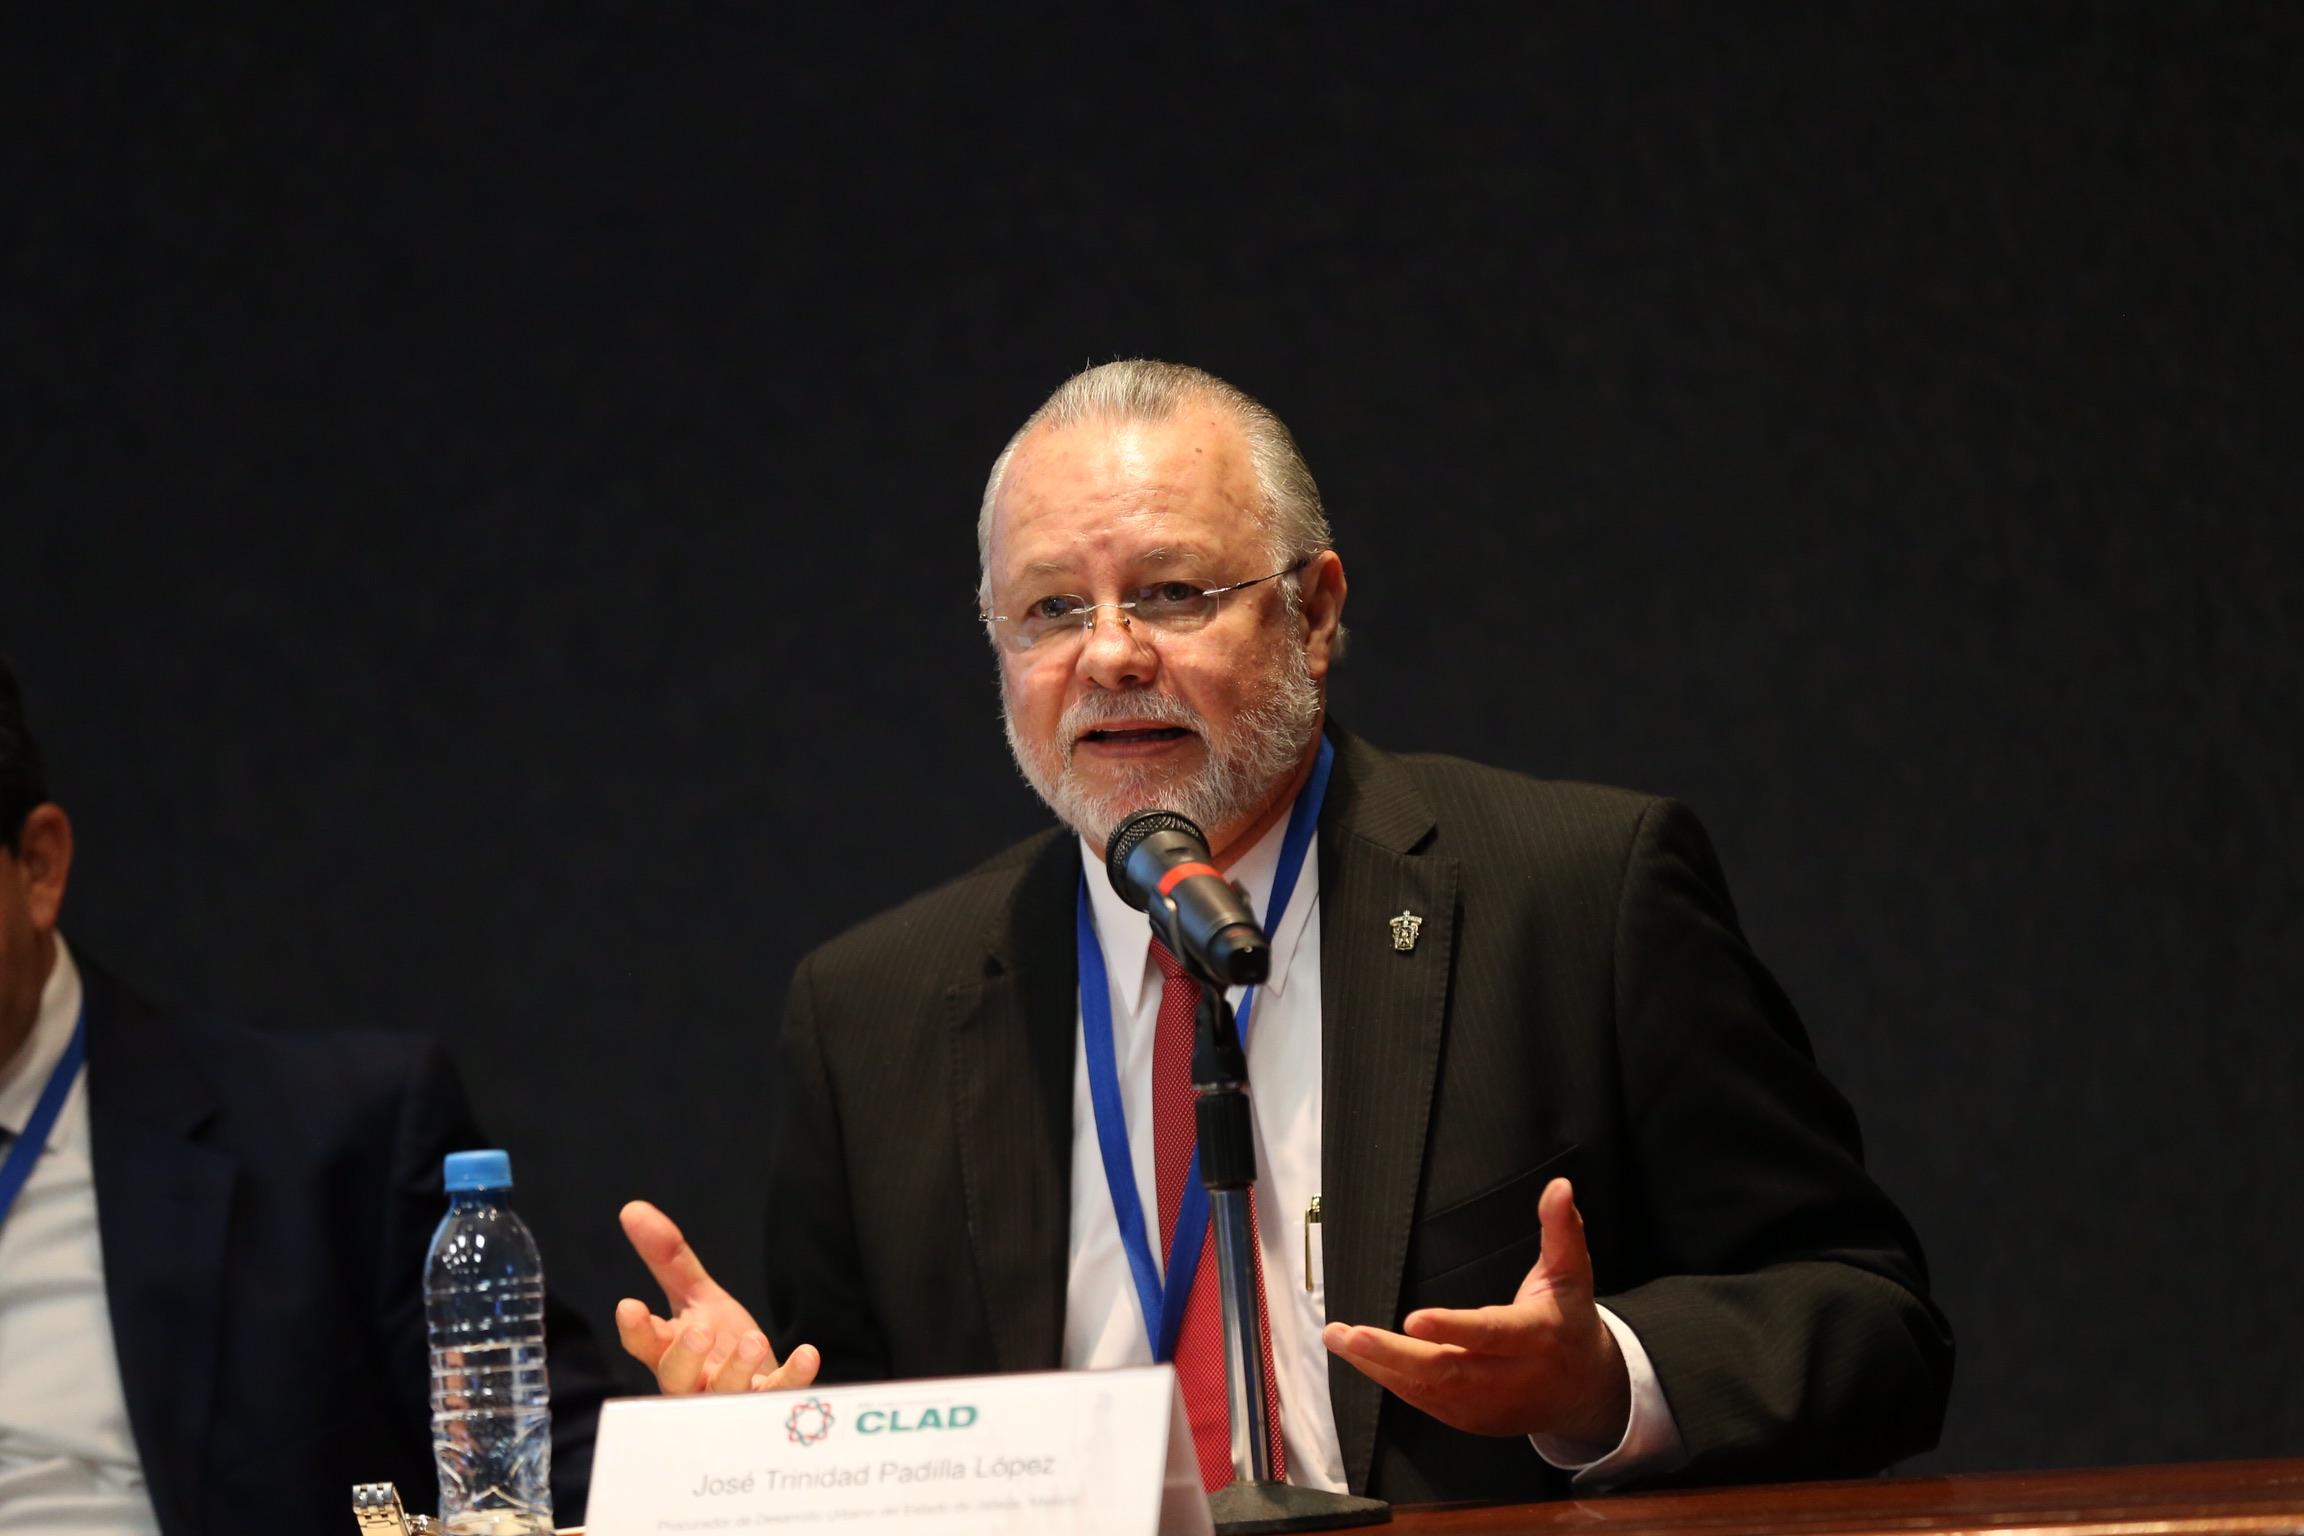 Mtro. José Trinidad Padilla López, ex-Rector General de la UdeG y Procurador de Desarrollo Urbano; haciendo uso de la palabra.